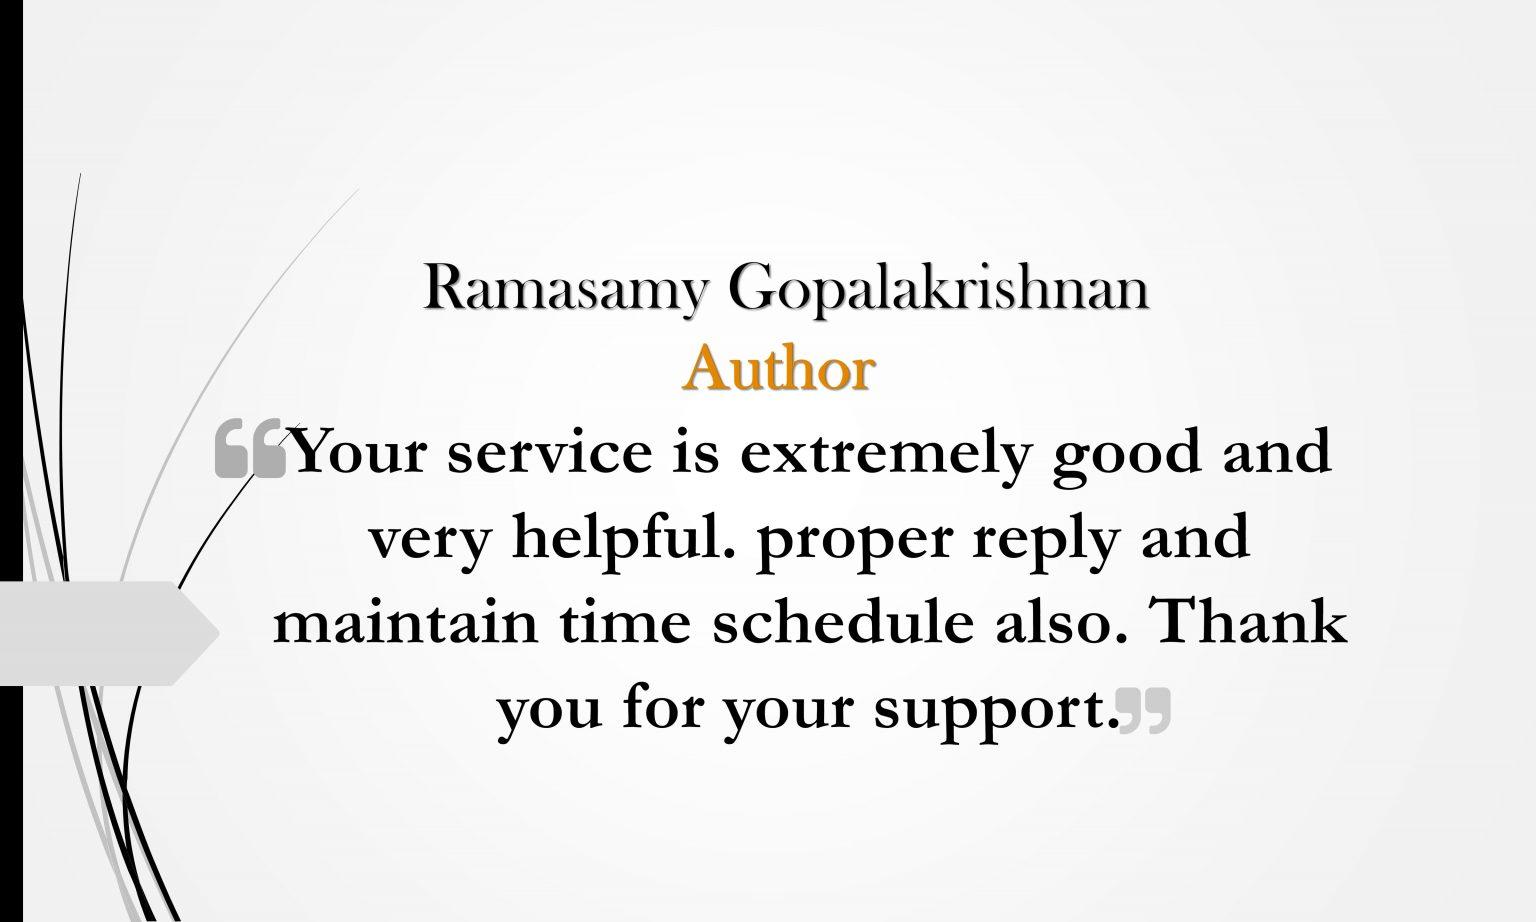 Ramasamy Gopalakrishnan